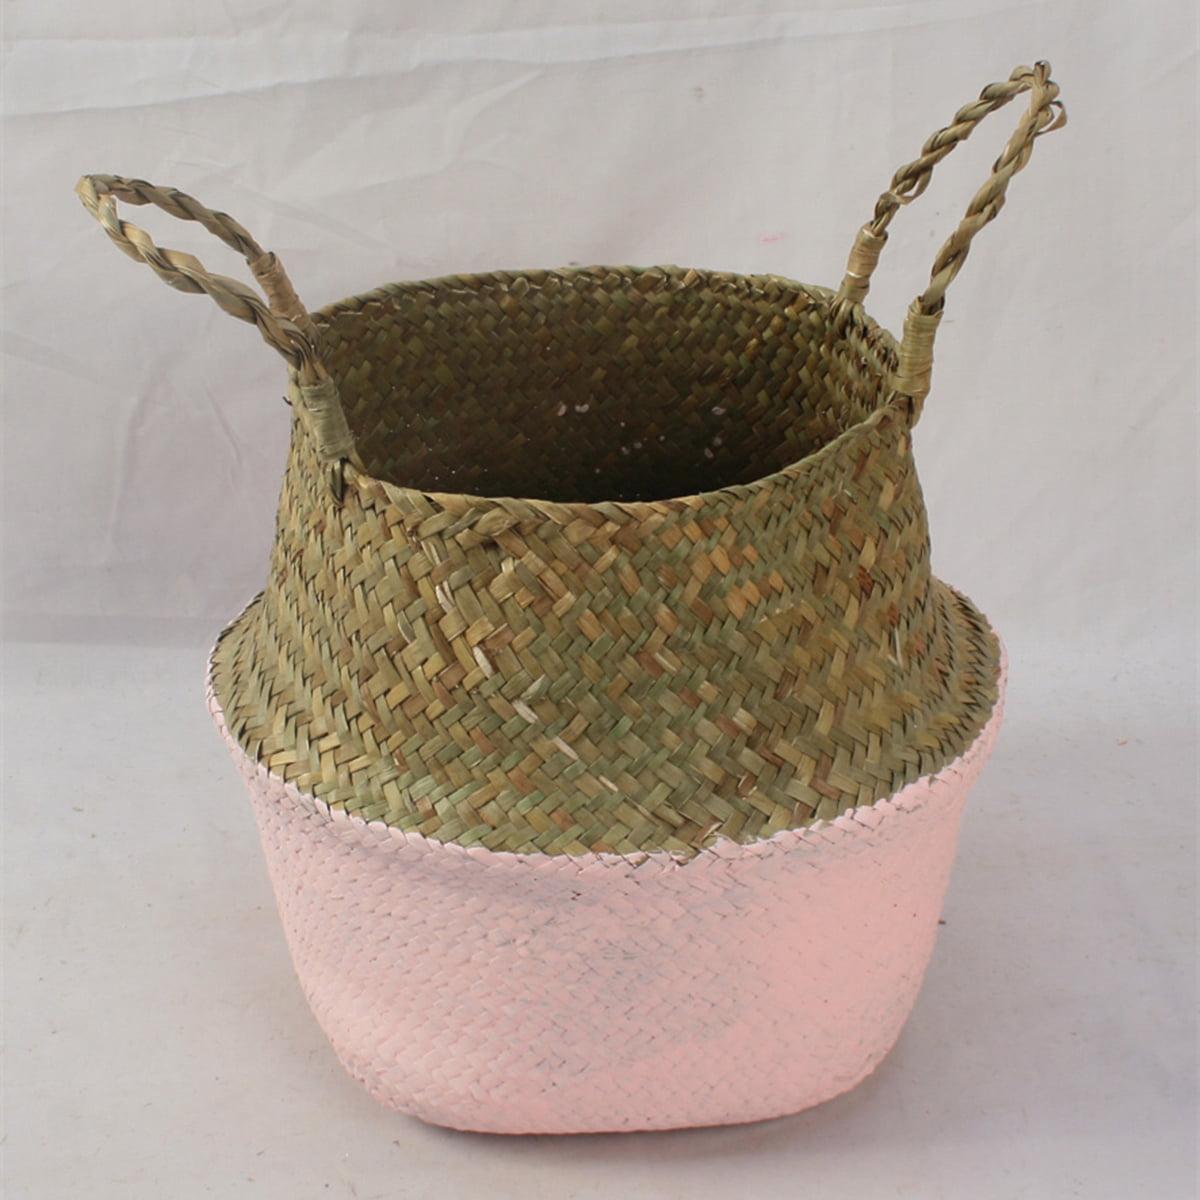 Meigar Handmade Rustic Storage Baskets Foldable Laundry Straw Patchwork Wicker Rattan Seagrass Belly Garden Flower Pot Planter Basket Garden Accessories